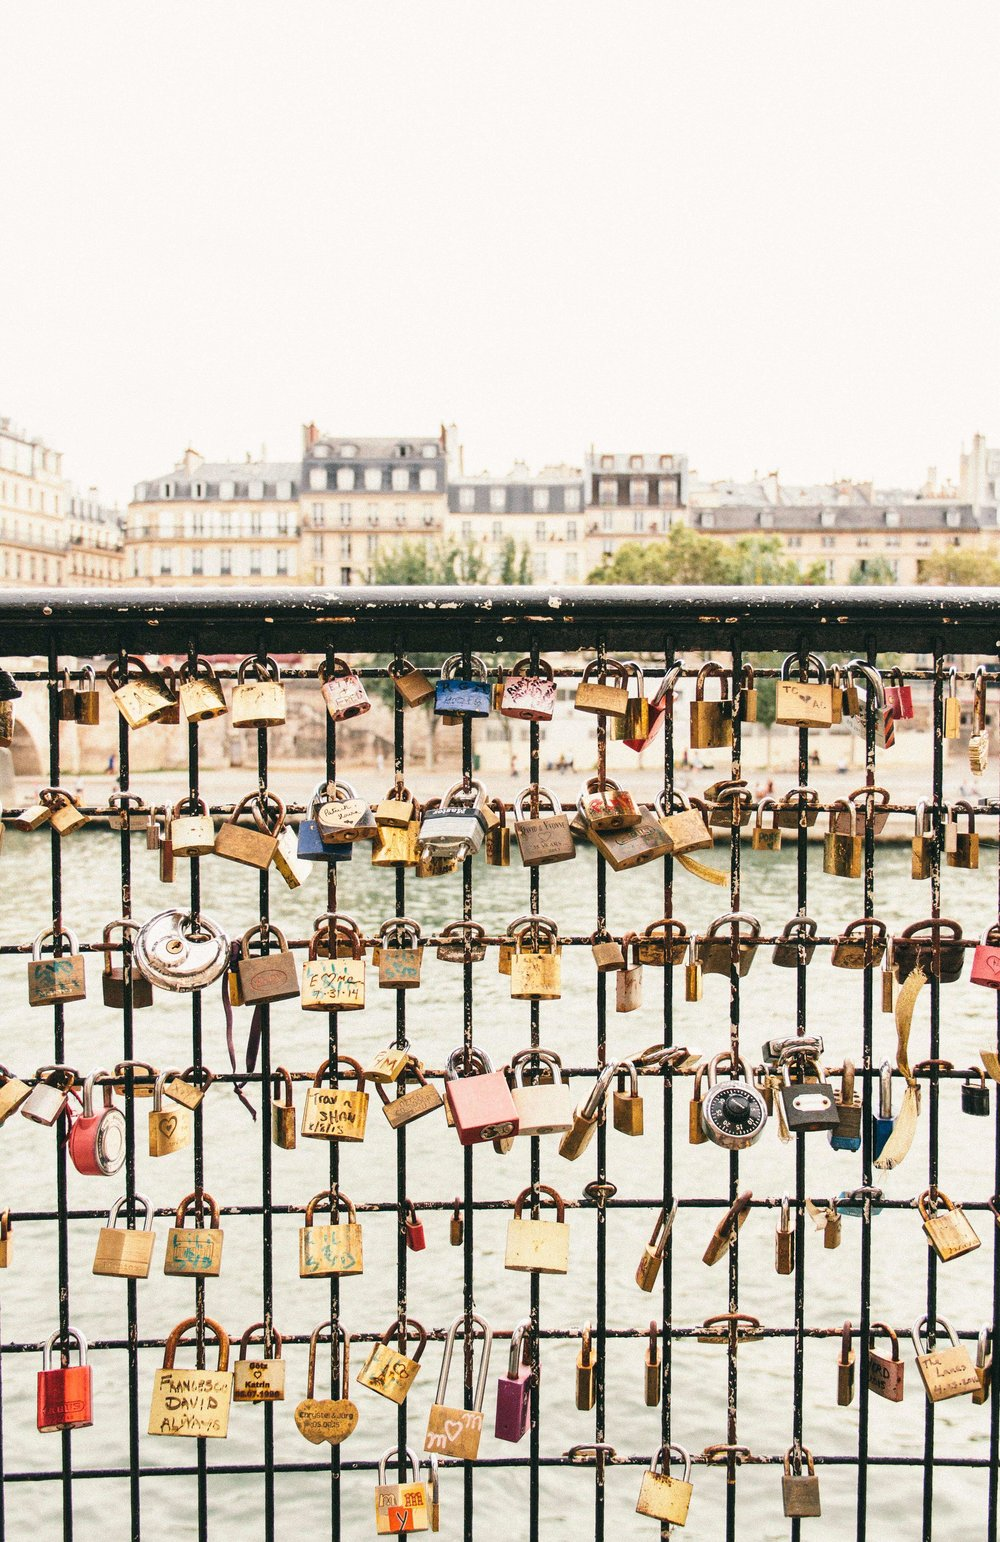 La Petite Californienne: Love Locks Hidden Around the Seine in Paris